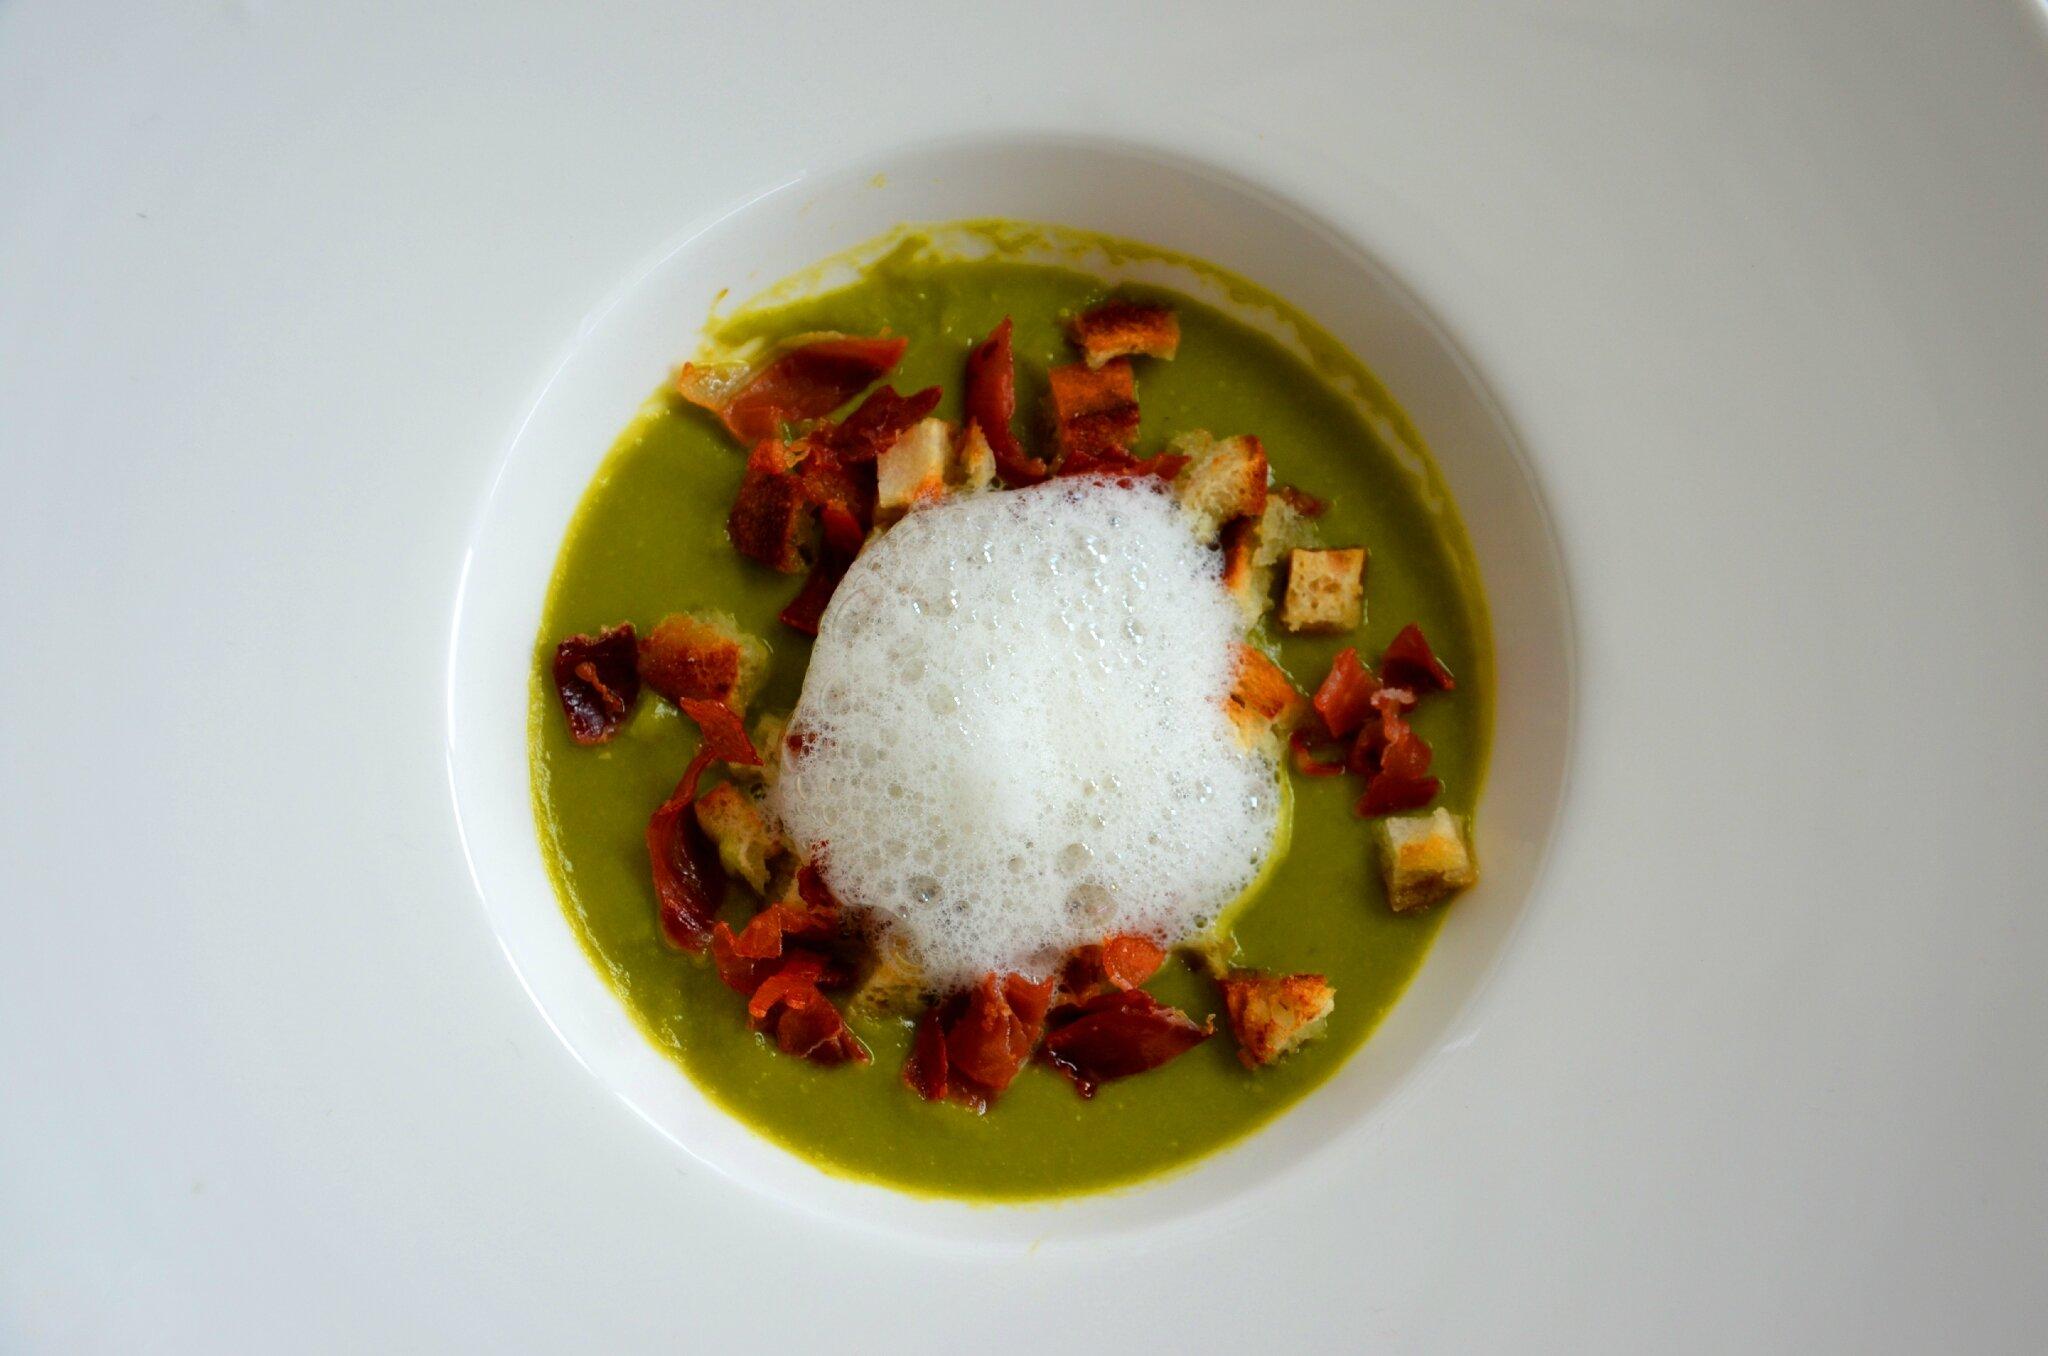 Soupe estivale aux petits pois nuage de jambon serrano for Culinaire saisonnier